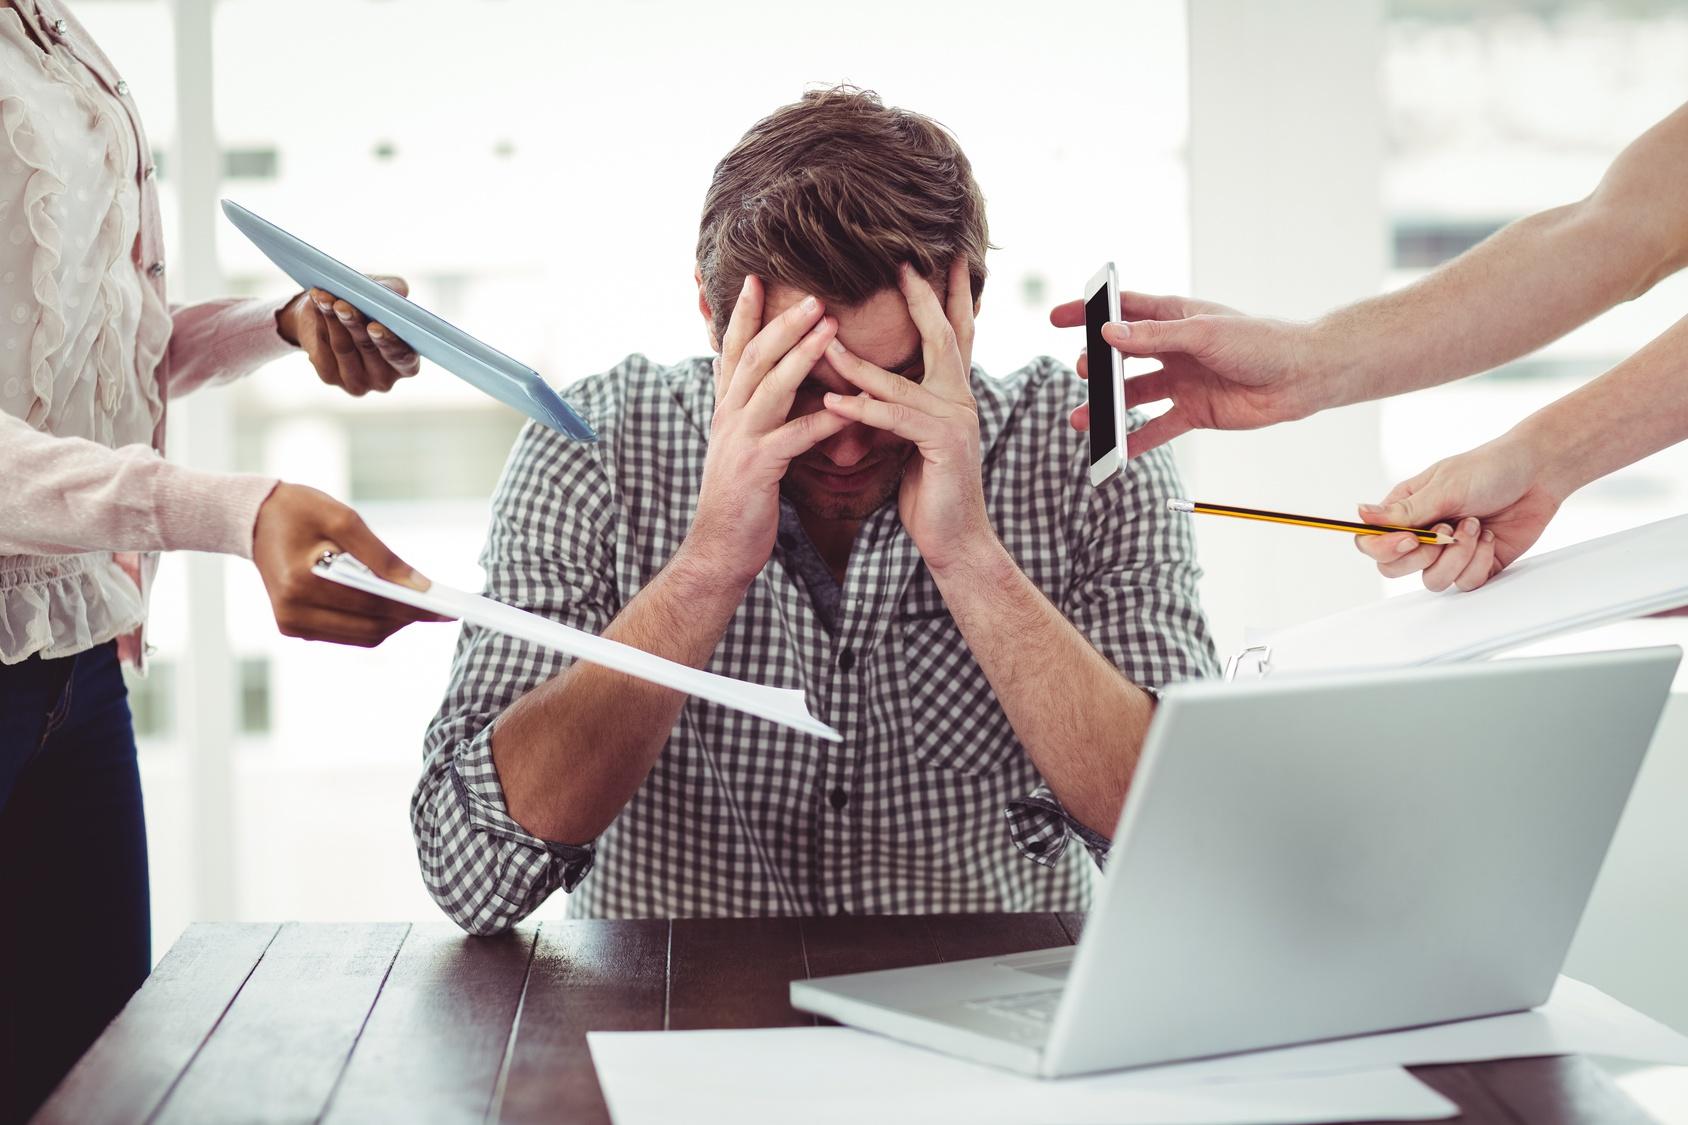 Bild zeigt gestressten Mitarbeiter mit vielen Aufgaben